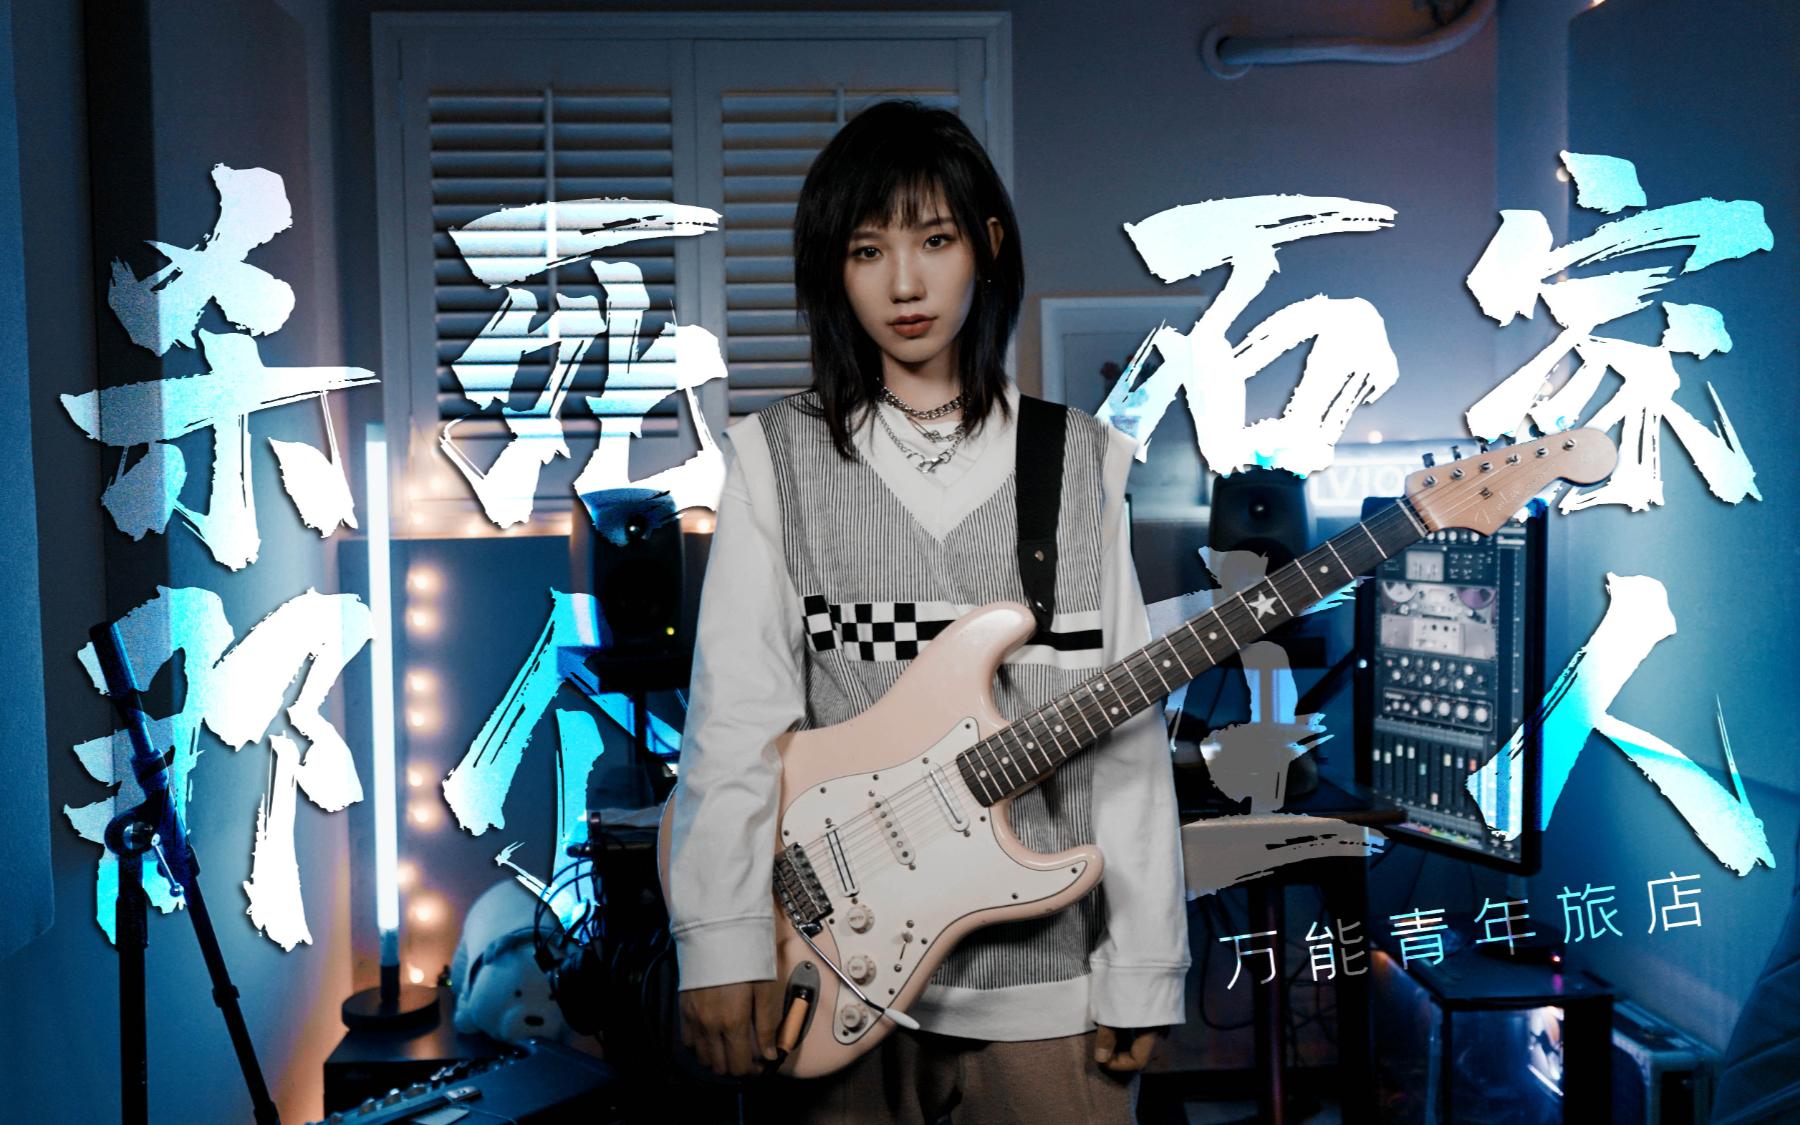 走心弹唱/电吉他solo:《杀死那个石家庄人》-万能青年旅店,如此生活30年!(Cover)